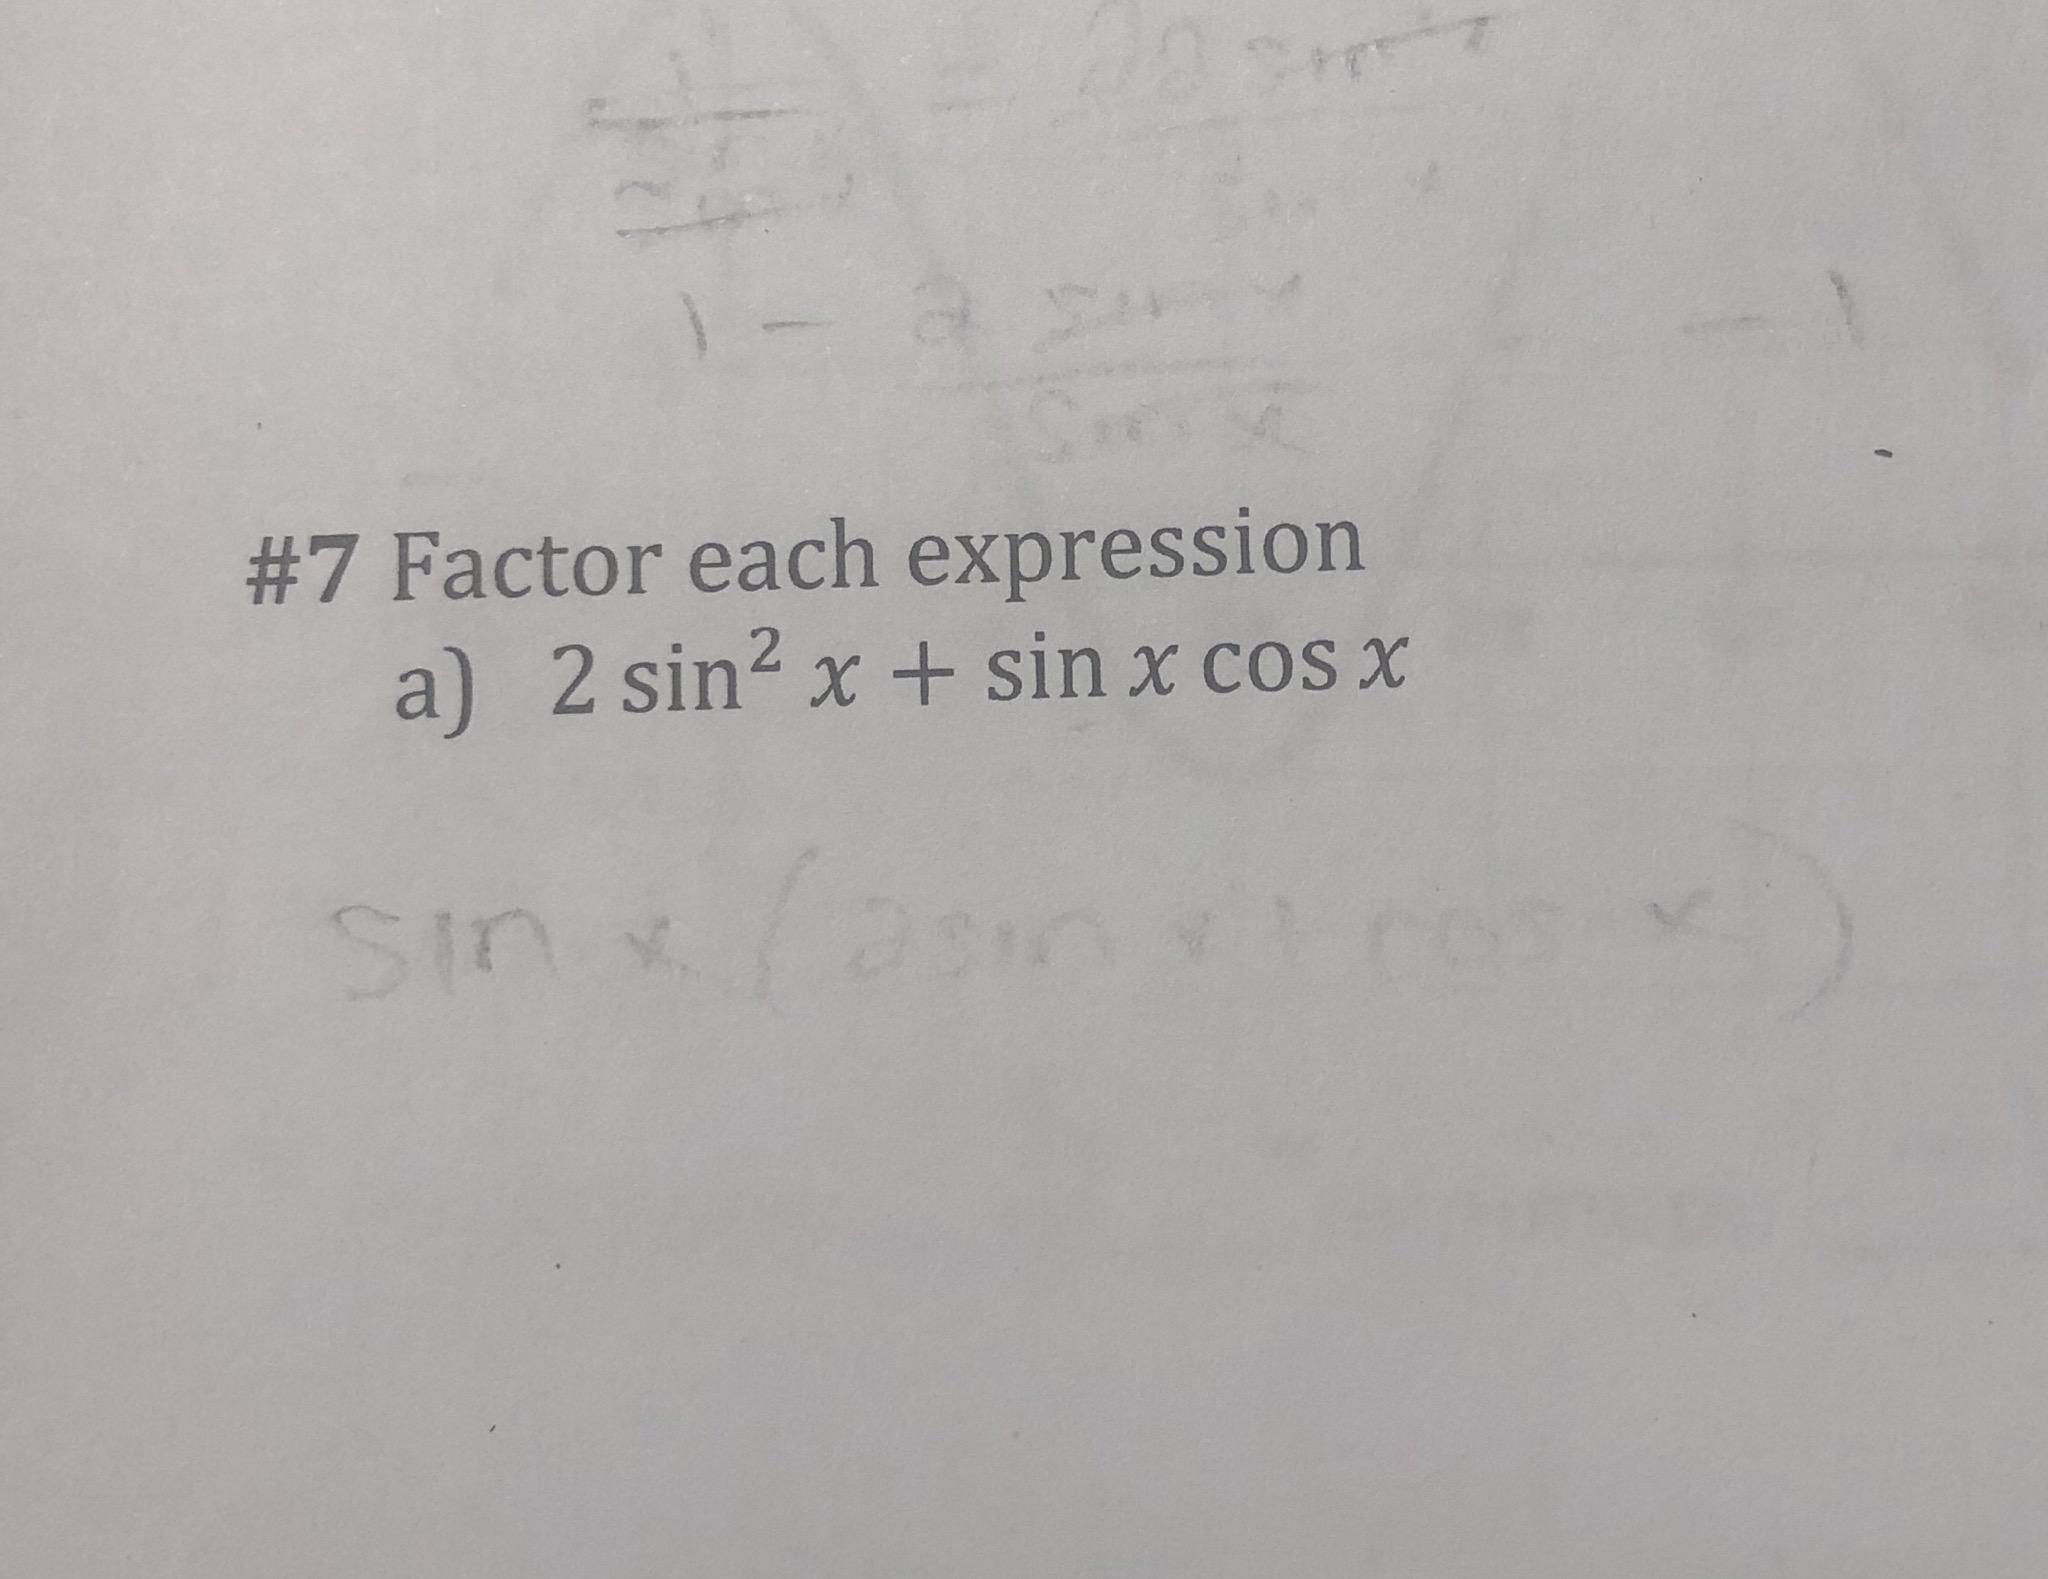 #7 Factor each expression a) 2 sin2 x + sin x cos x Sin